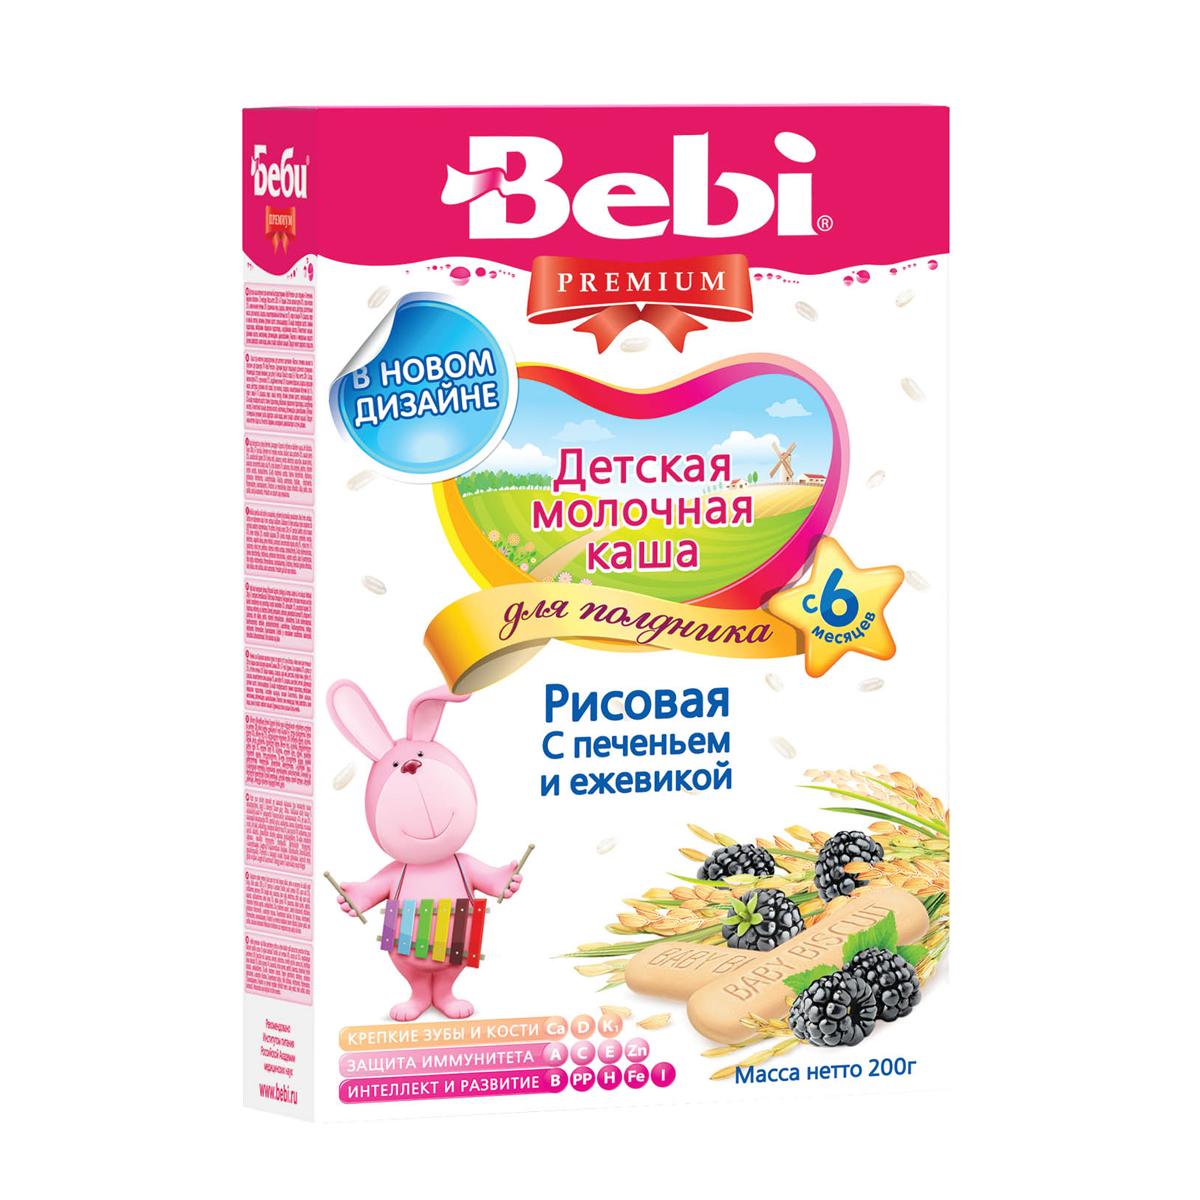 Каша Bebi молочная для полдника 200 гр Рисовая с печеньем и ежевикой (с 6 мес)<br>